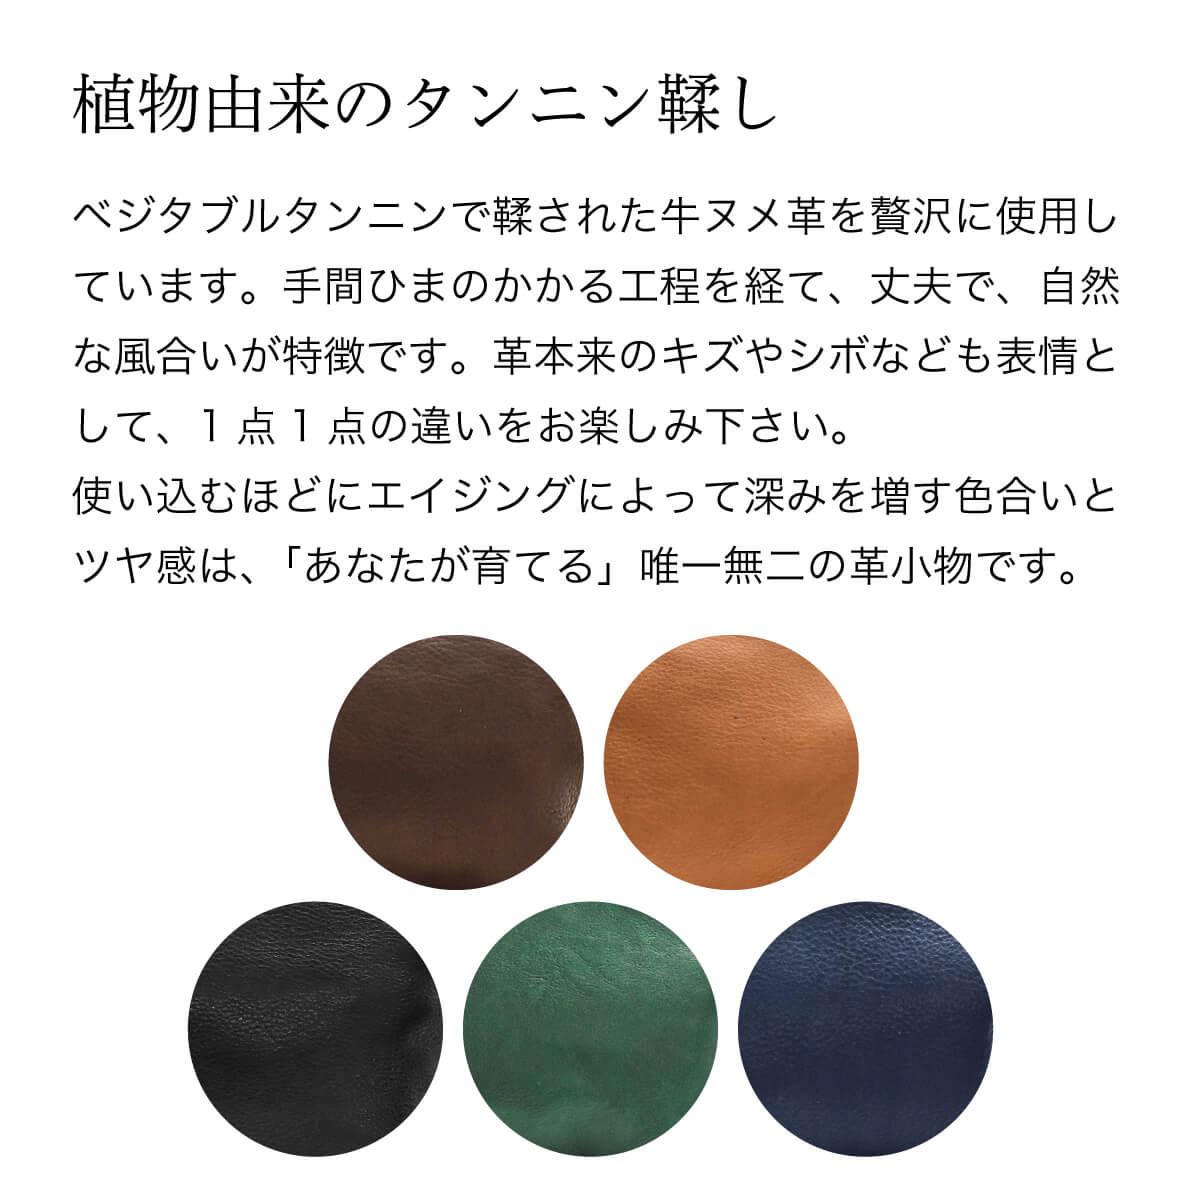 ベジタブルタンニンレザー ポーチ Choco 牛革【名入れ可】